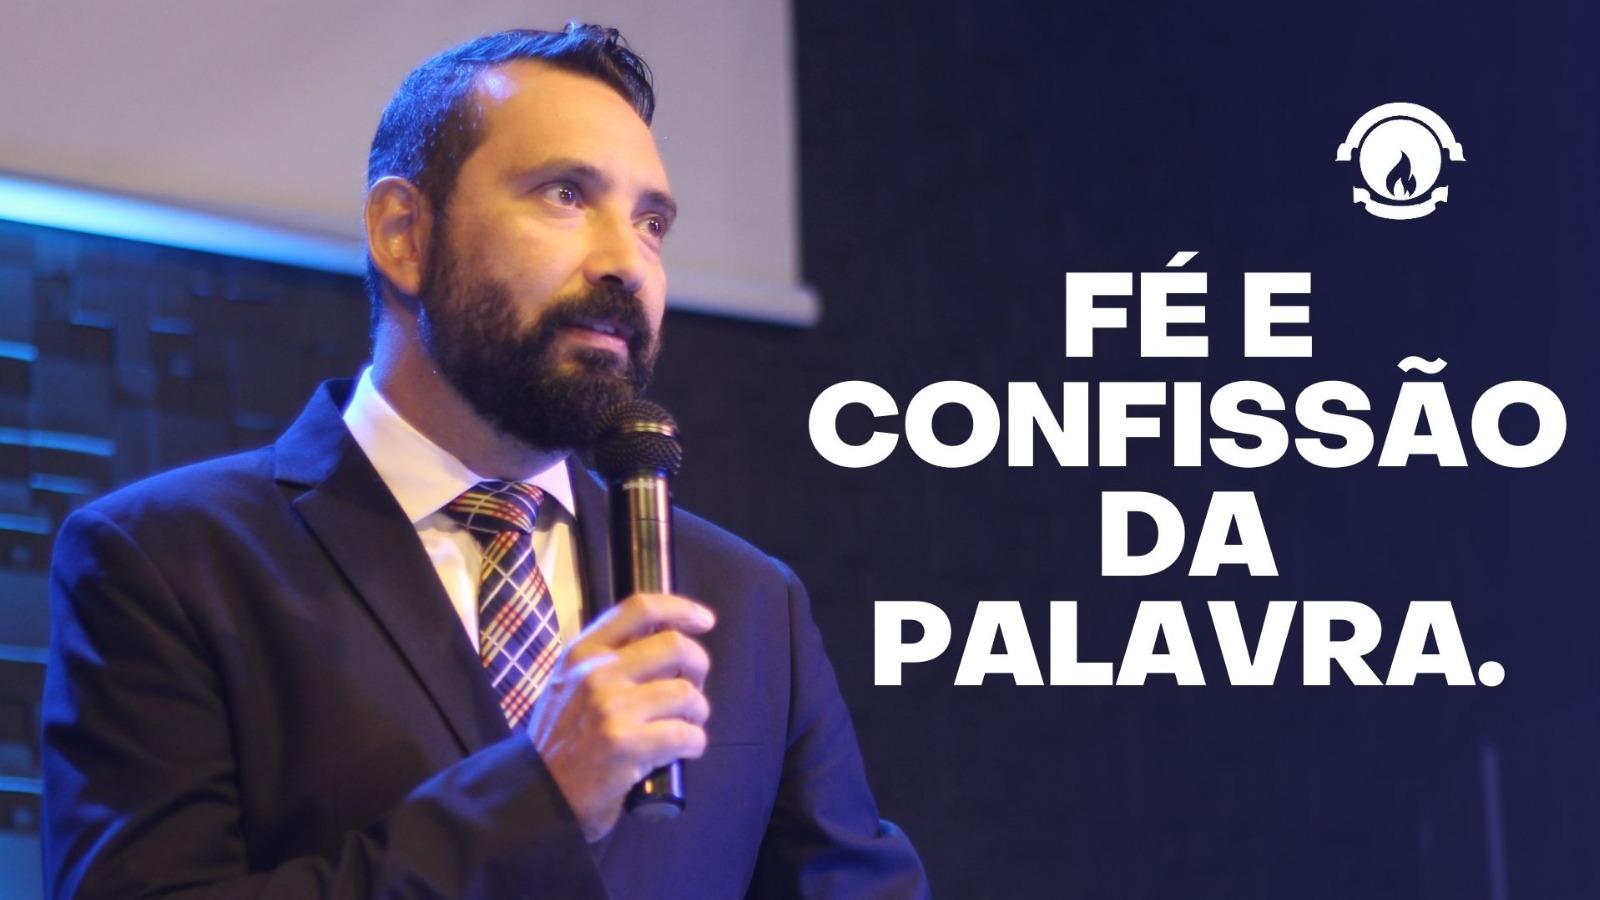 FÉ E CONFISSÃO DA PALAVRA.